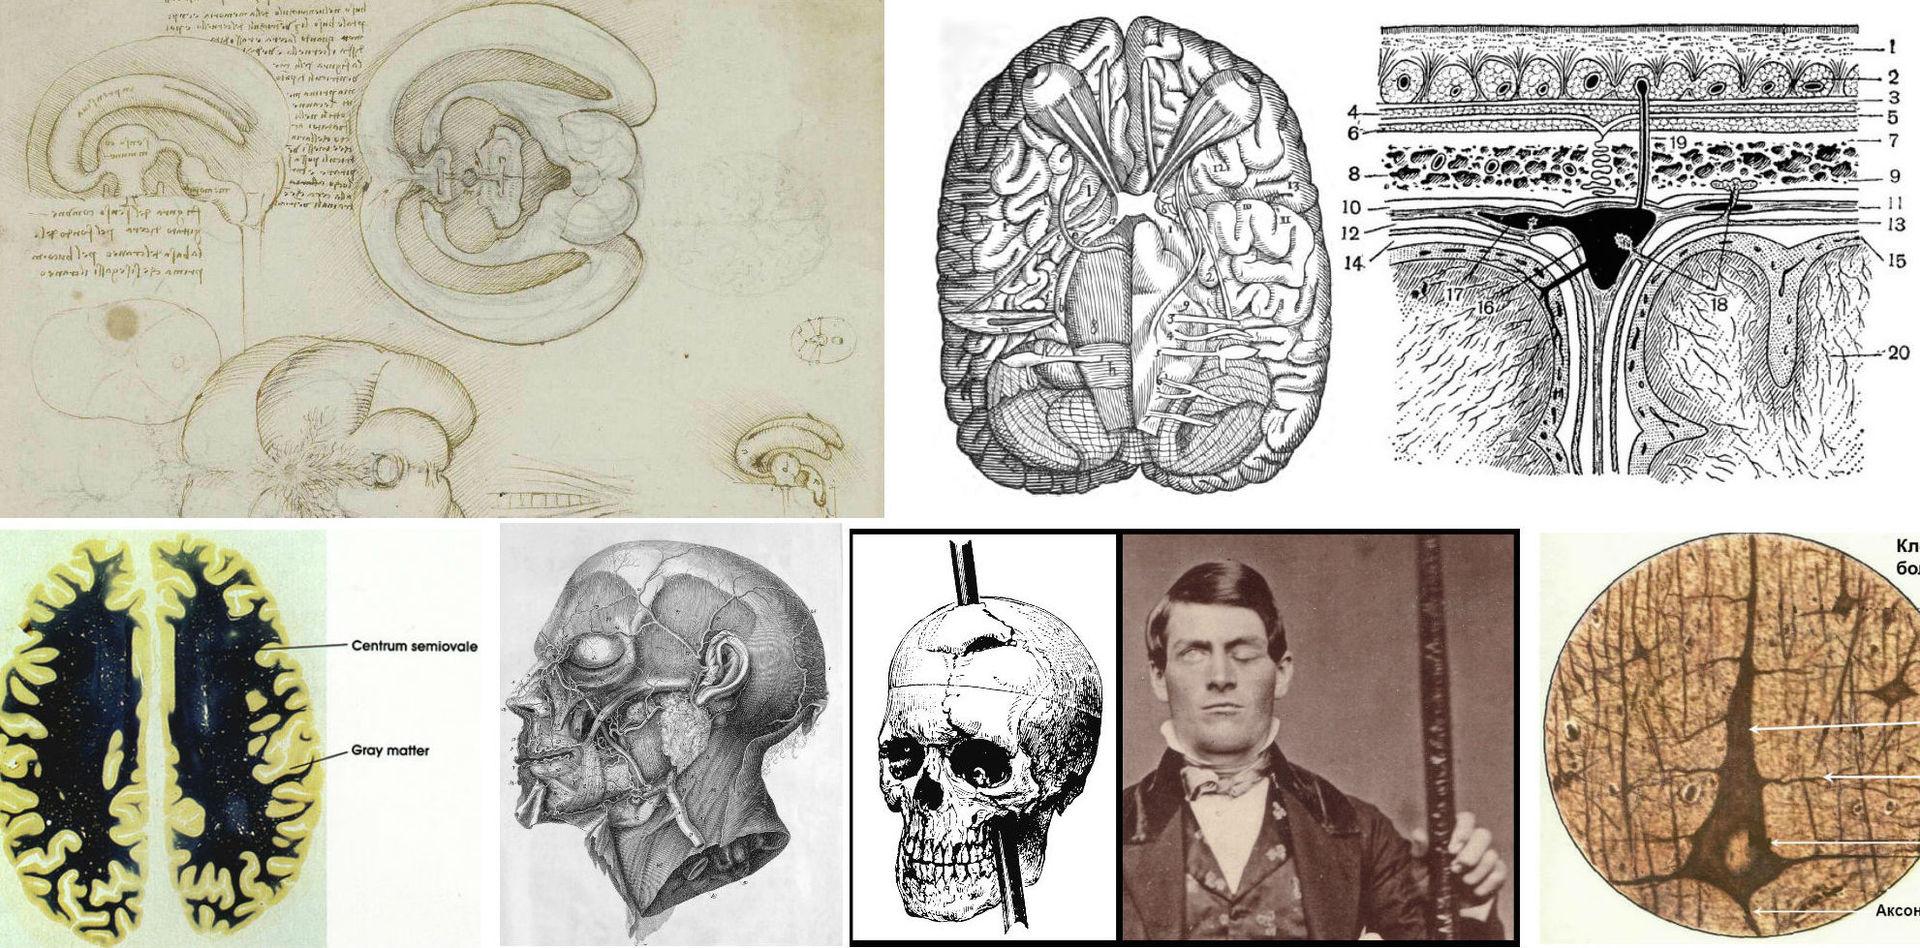 История изучения мозга от Древнего Египта до начала XX века - 2